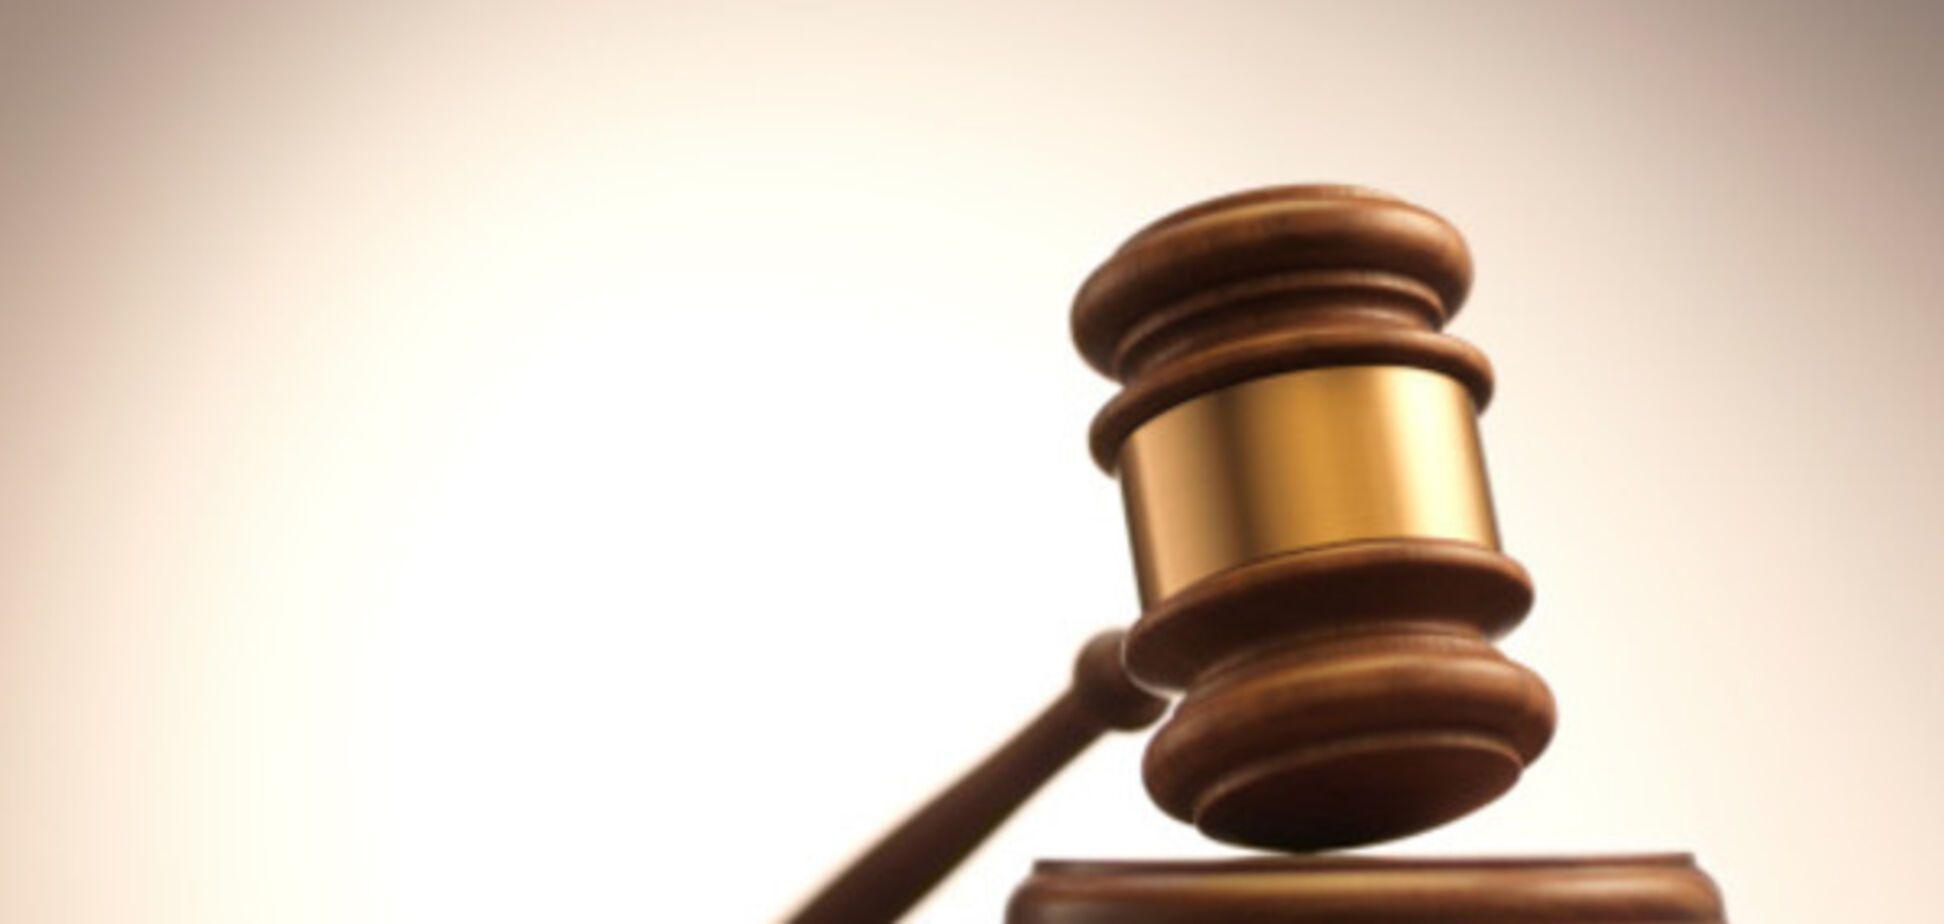 Бывший следователь СК подал в суд на ФСБ